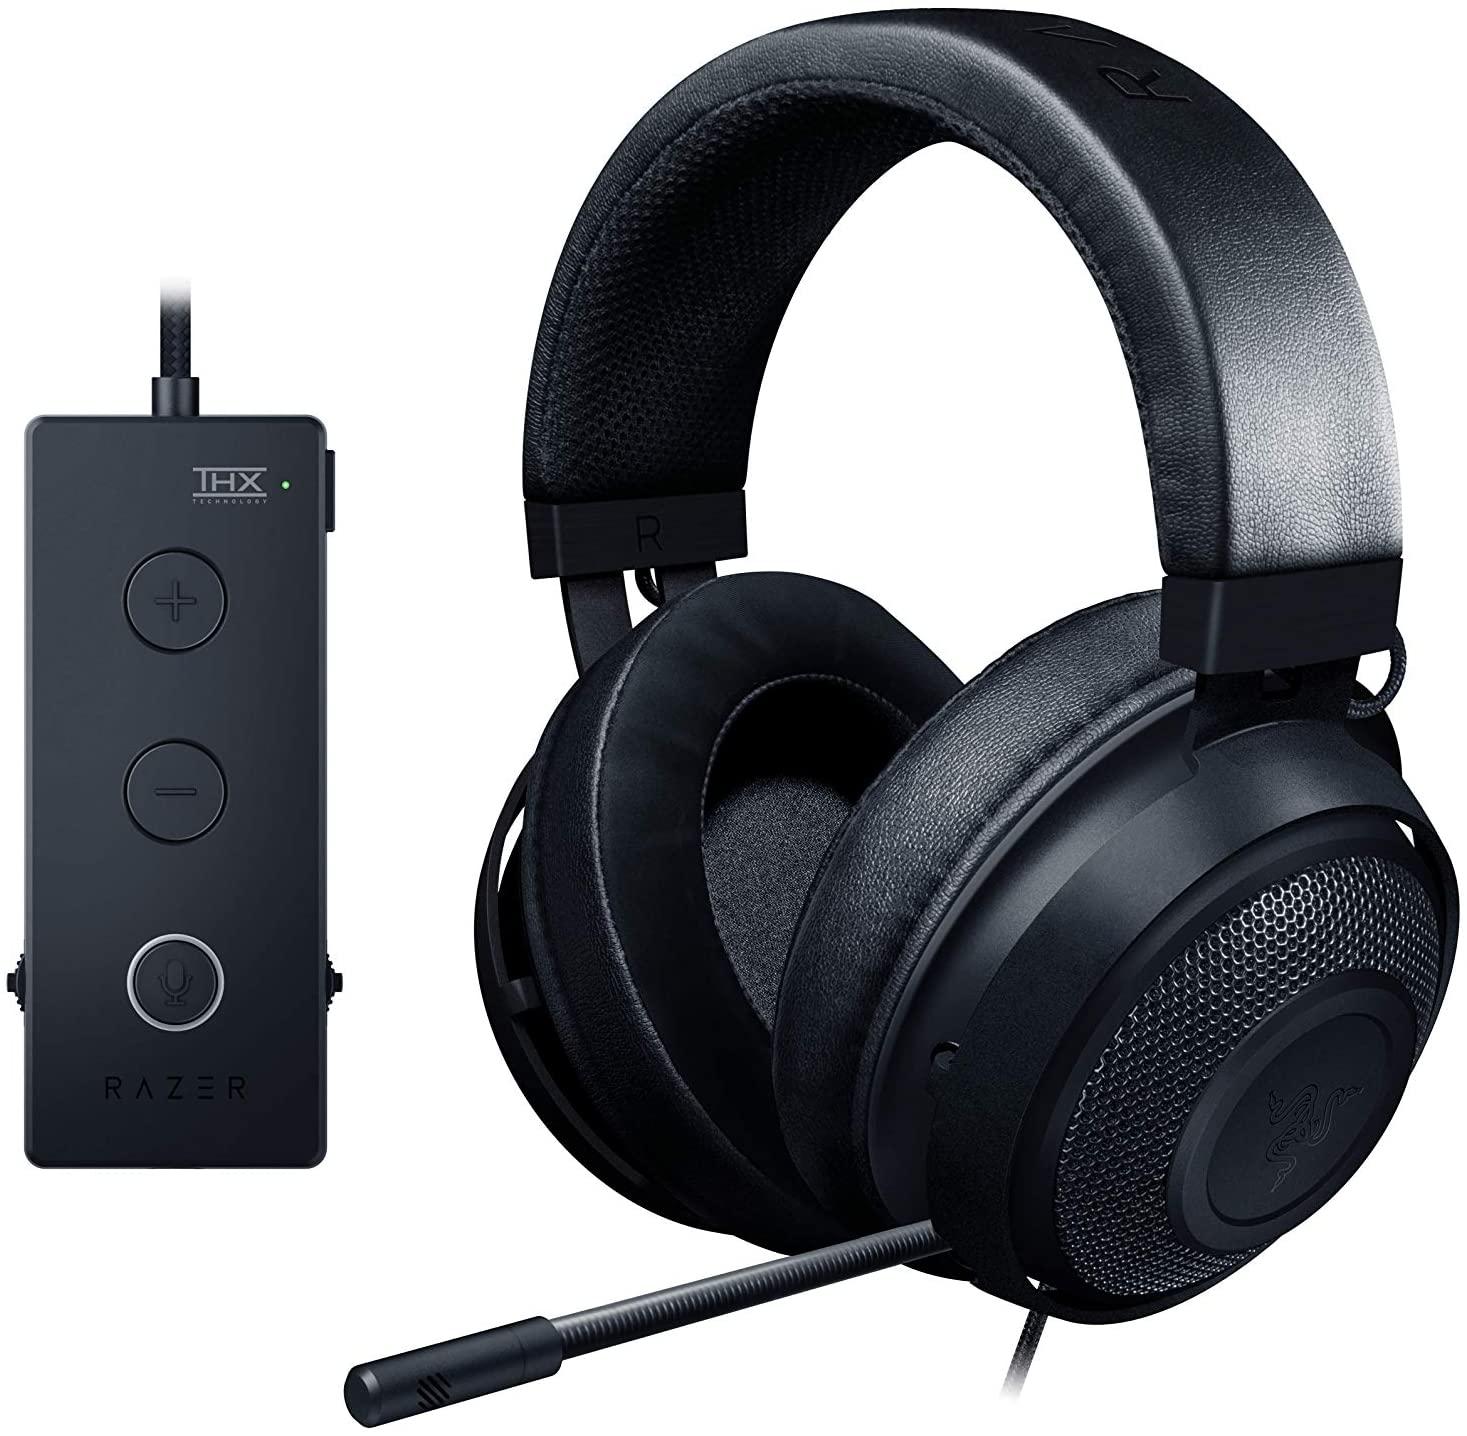 Razer Kraken Tournament Edition, Wired Esports Gaming Headset, Black - £43.99 @ Amazon Prime Exclusive